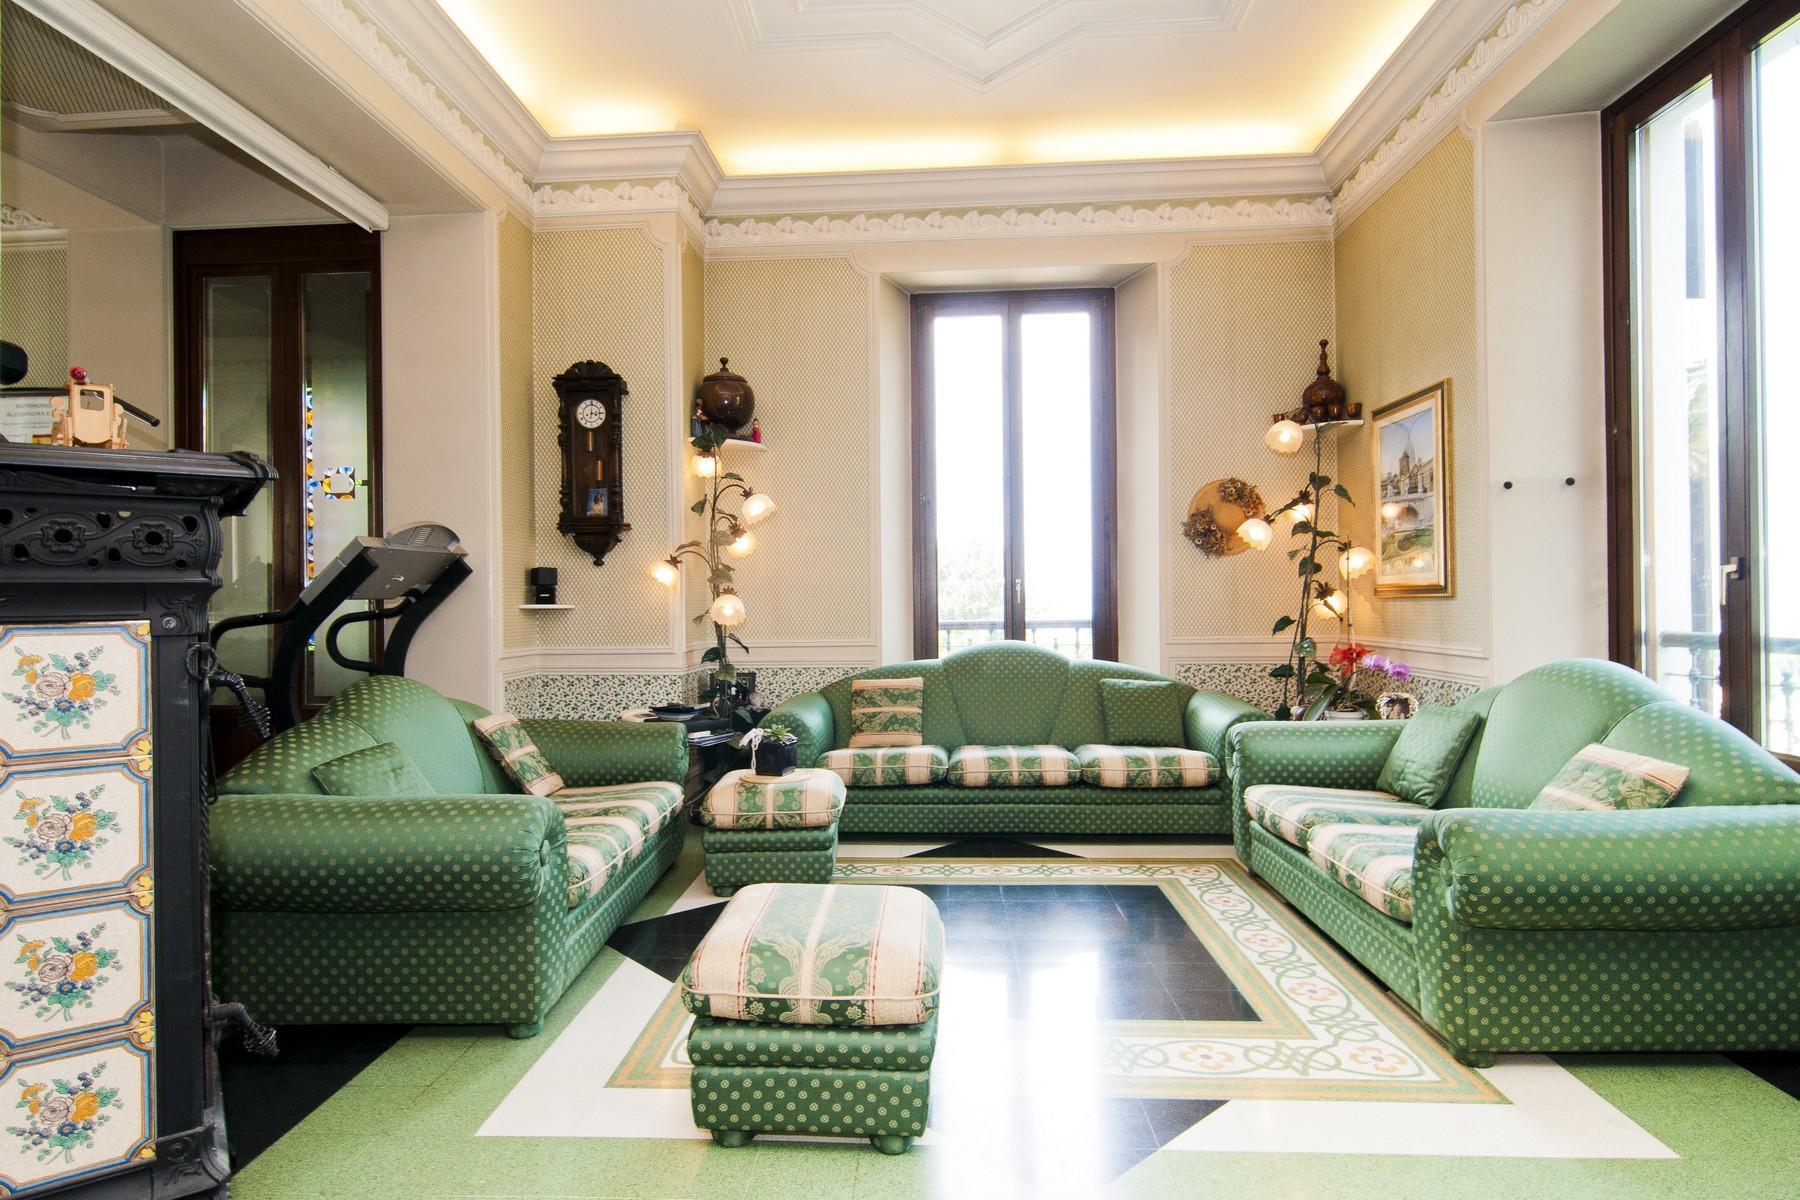 Sumptuous villa on lake Maggiore - 9